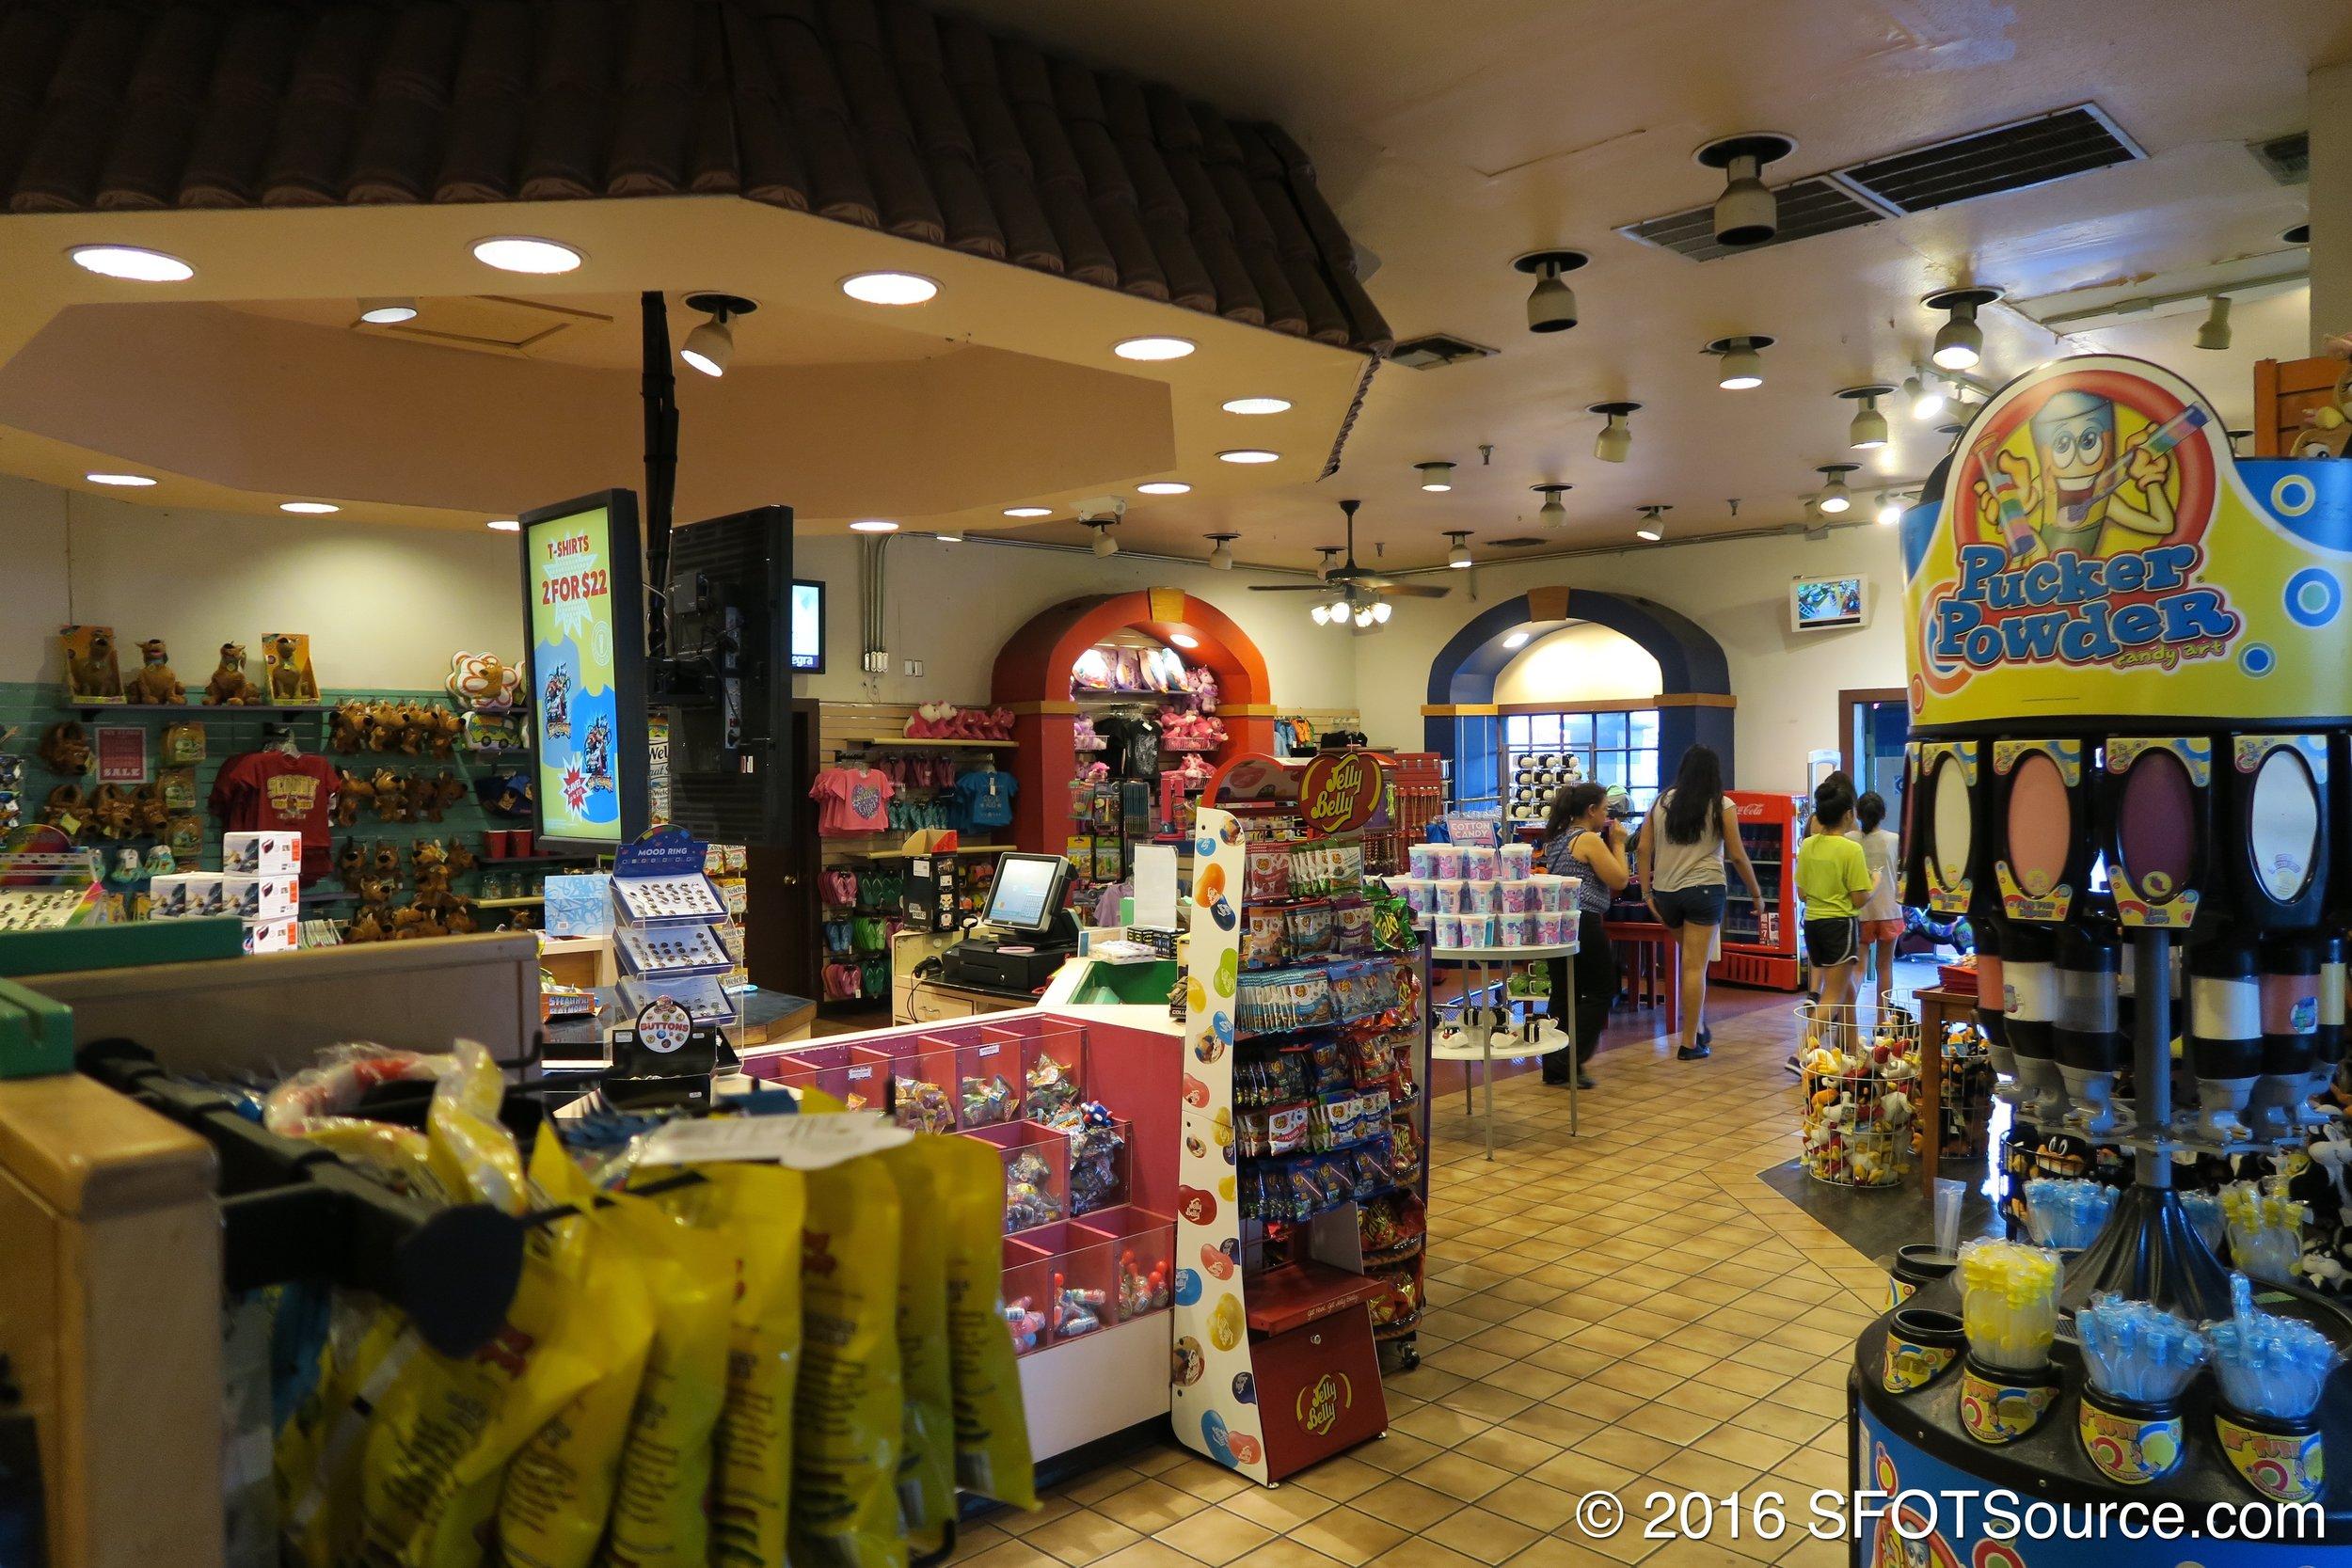 A look at the interior of Casa de Six Flags.